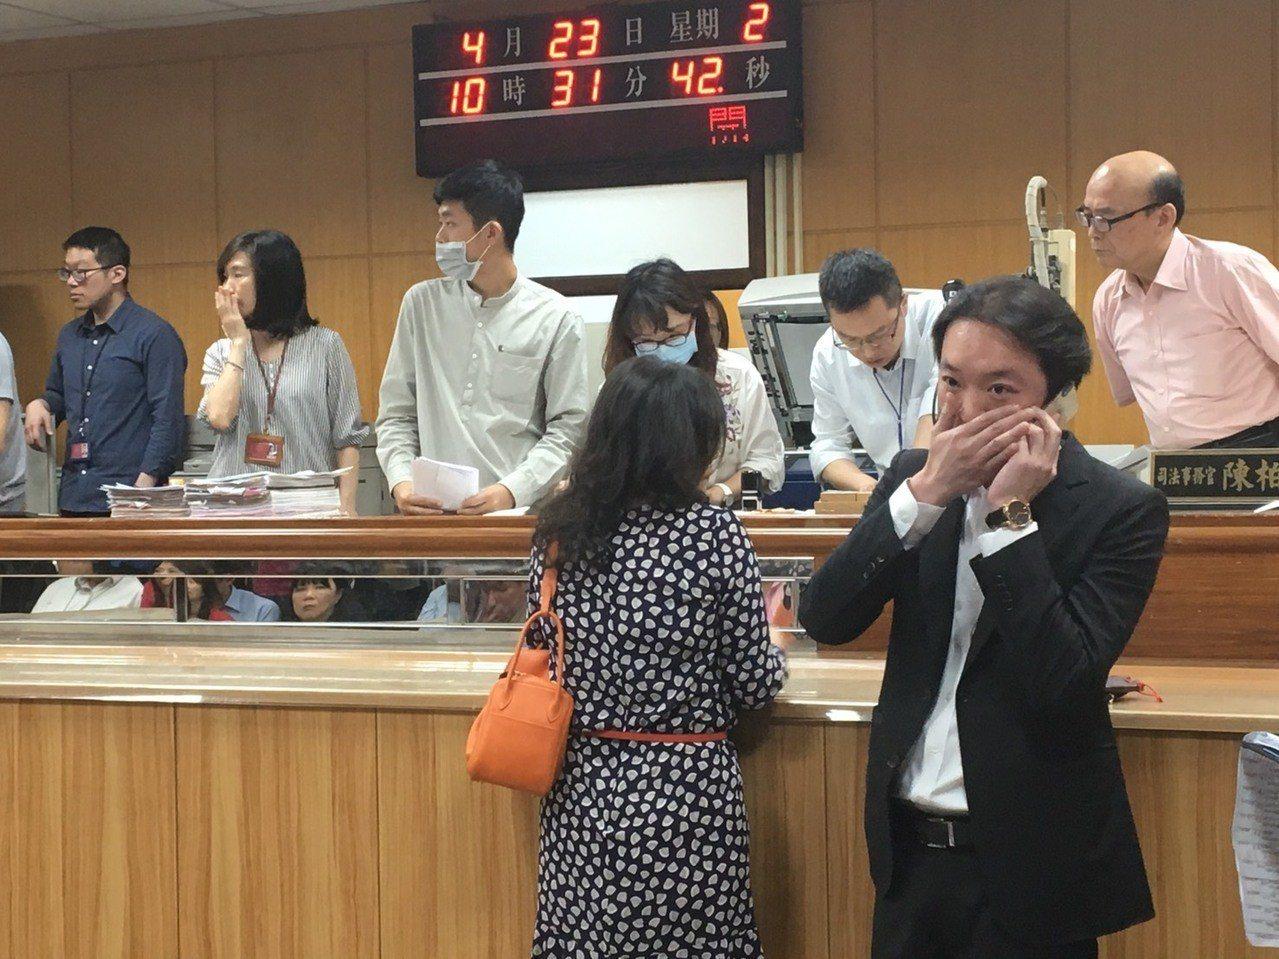 元利建設董事長林敏雄以112億餘元得標D3土地,他的兒子林弘人(右下,穿西裝者)...